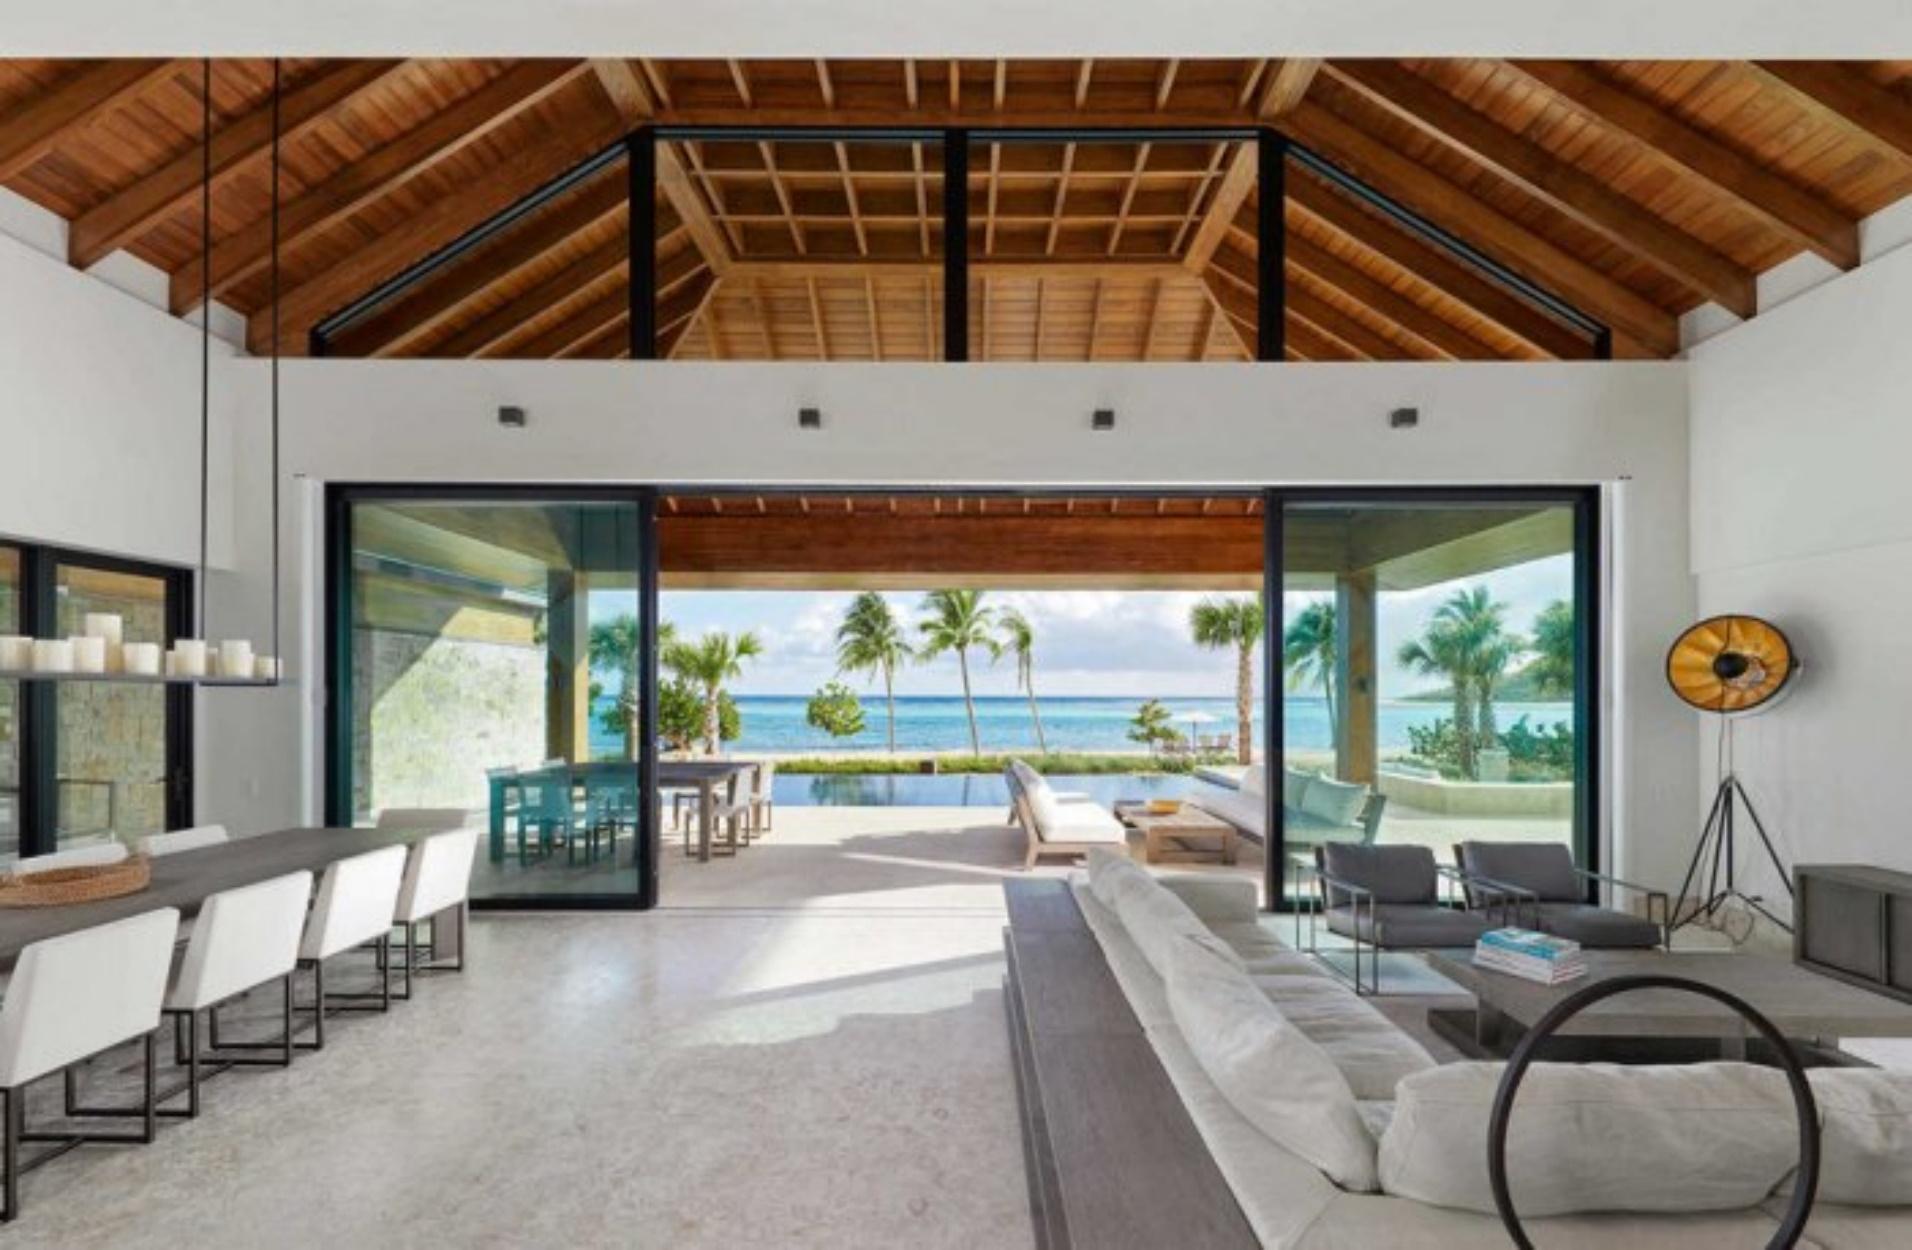 Ένα ονειρεμένο σπίτι σε απόσταση αναπνοής από τα κρυστάλλινα νερά της Καραϊβικής